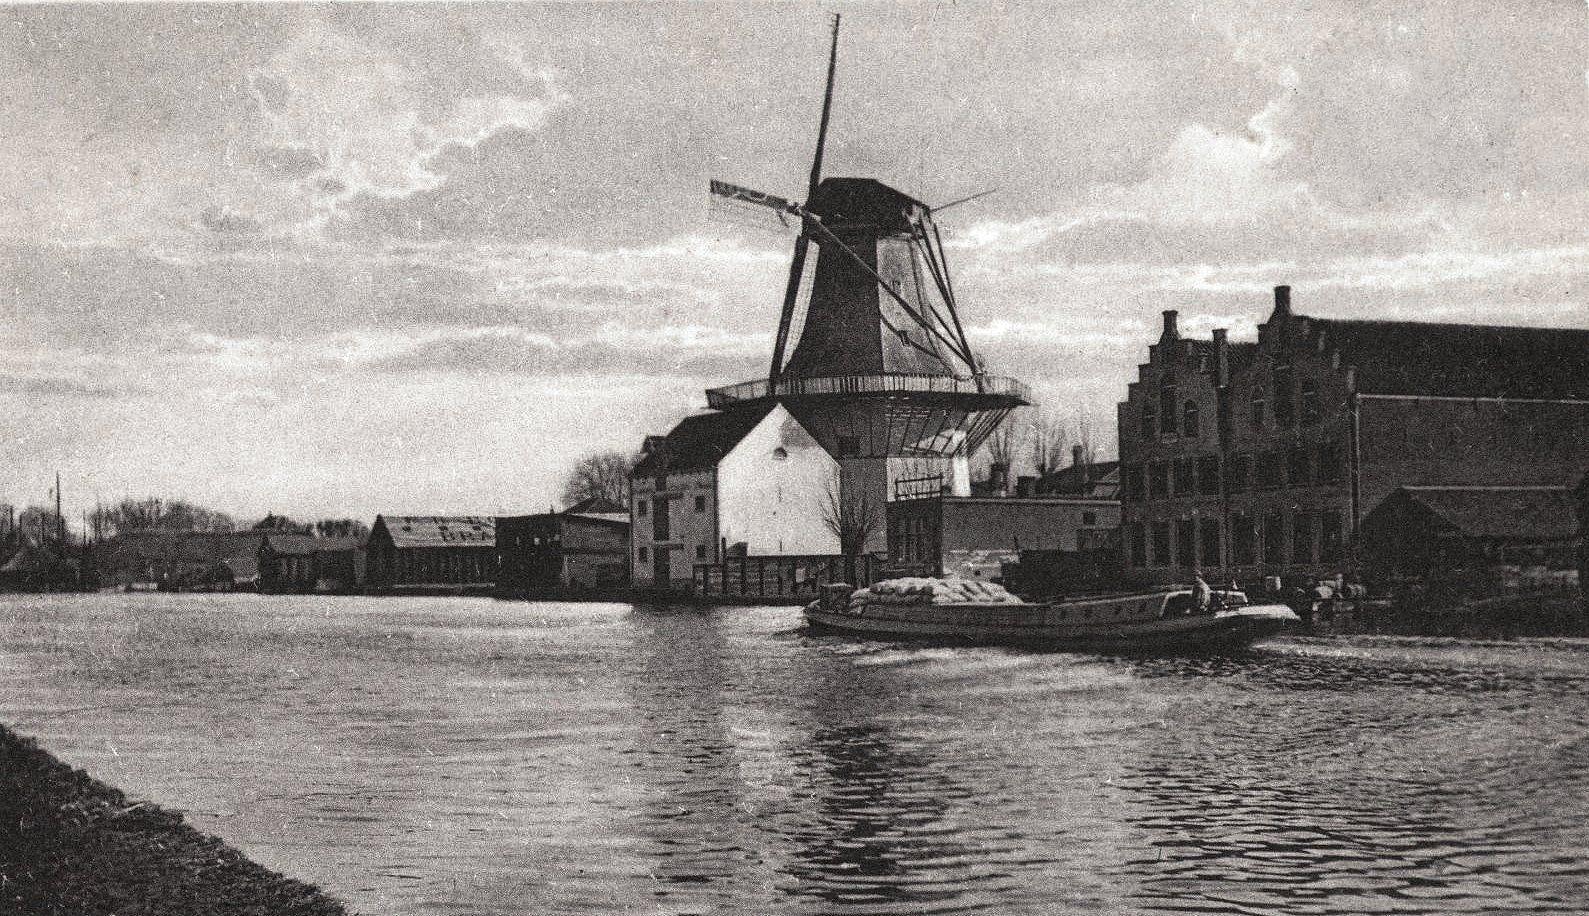 Oude Rijn Richting Gouwsluis Met Molen De Eendracht - Oud Alphen